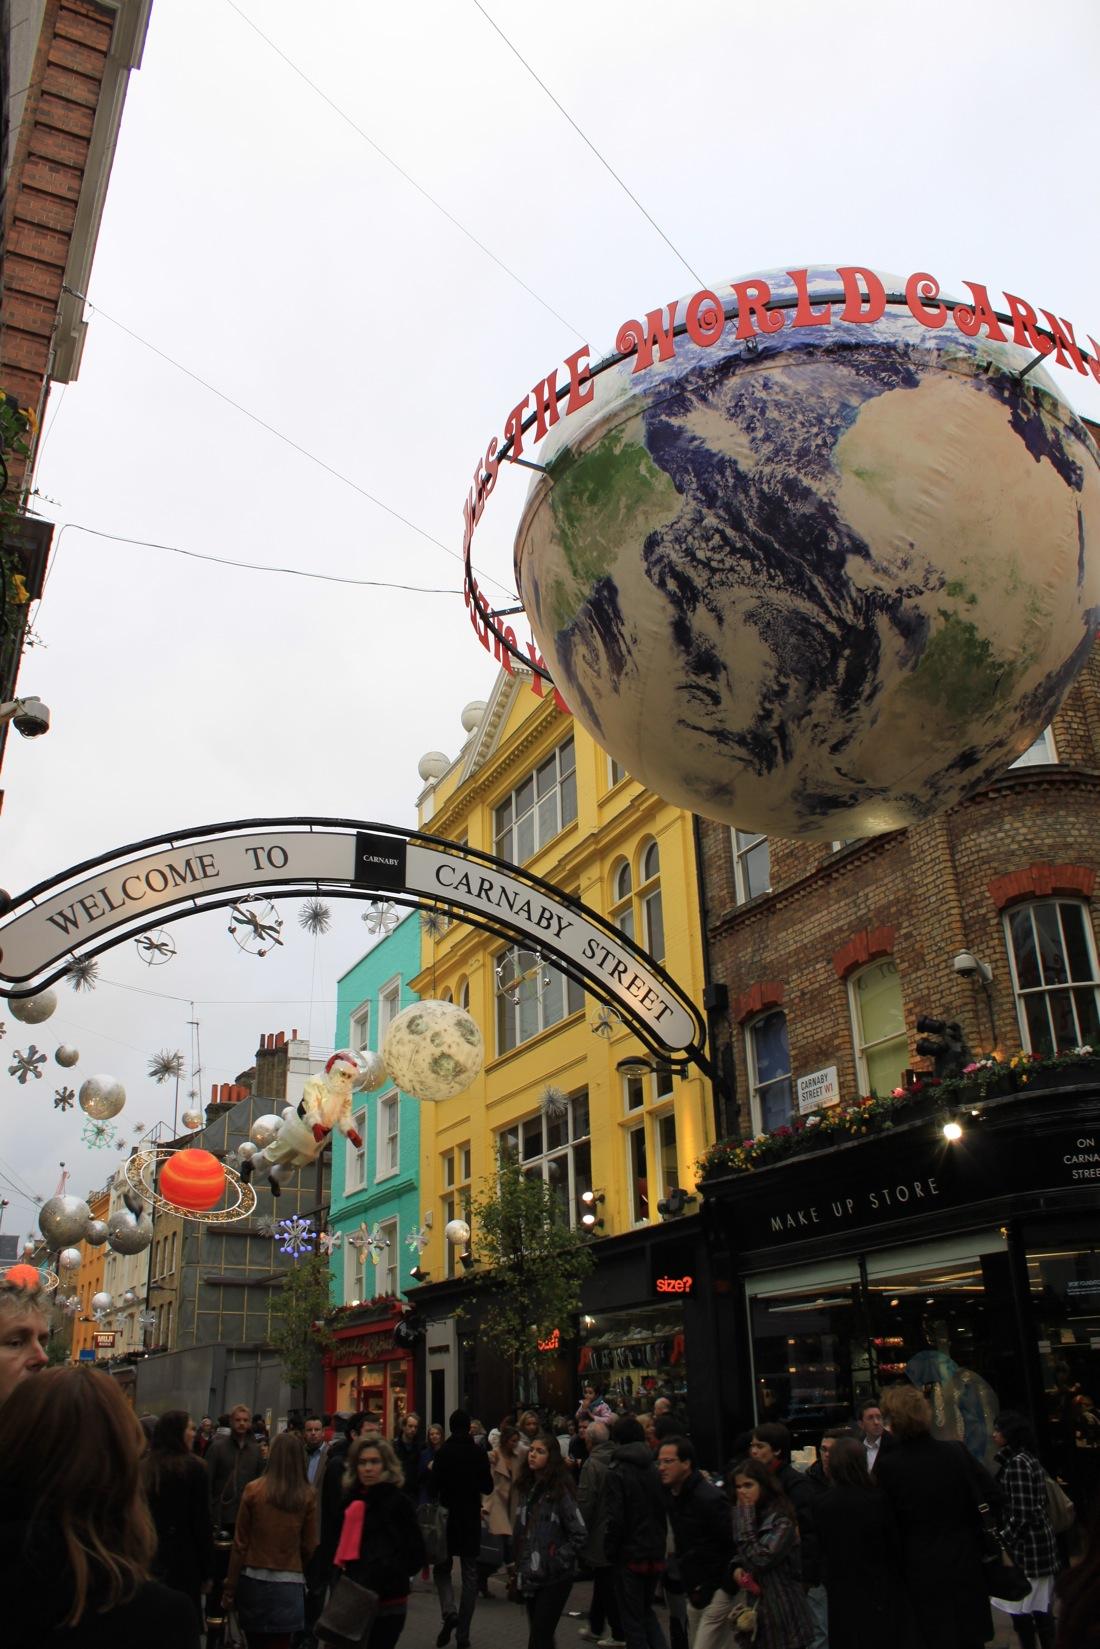 すでにクリスマスなロンドン街角より_a0137487_23158.jpg